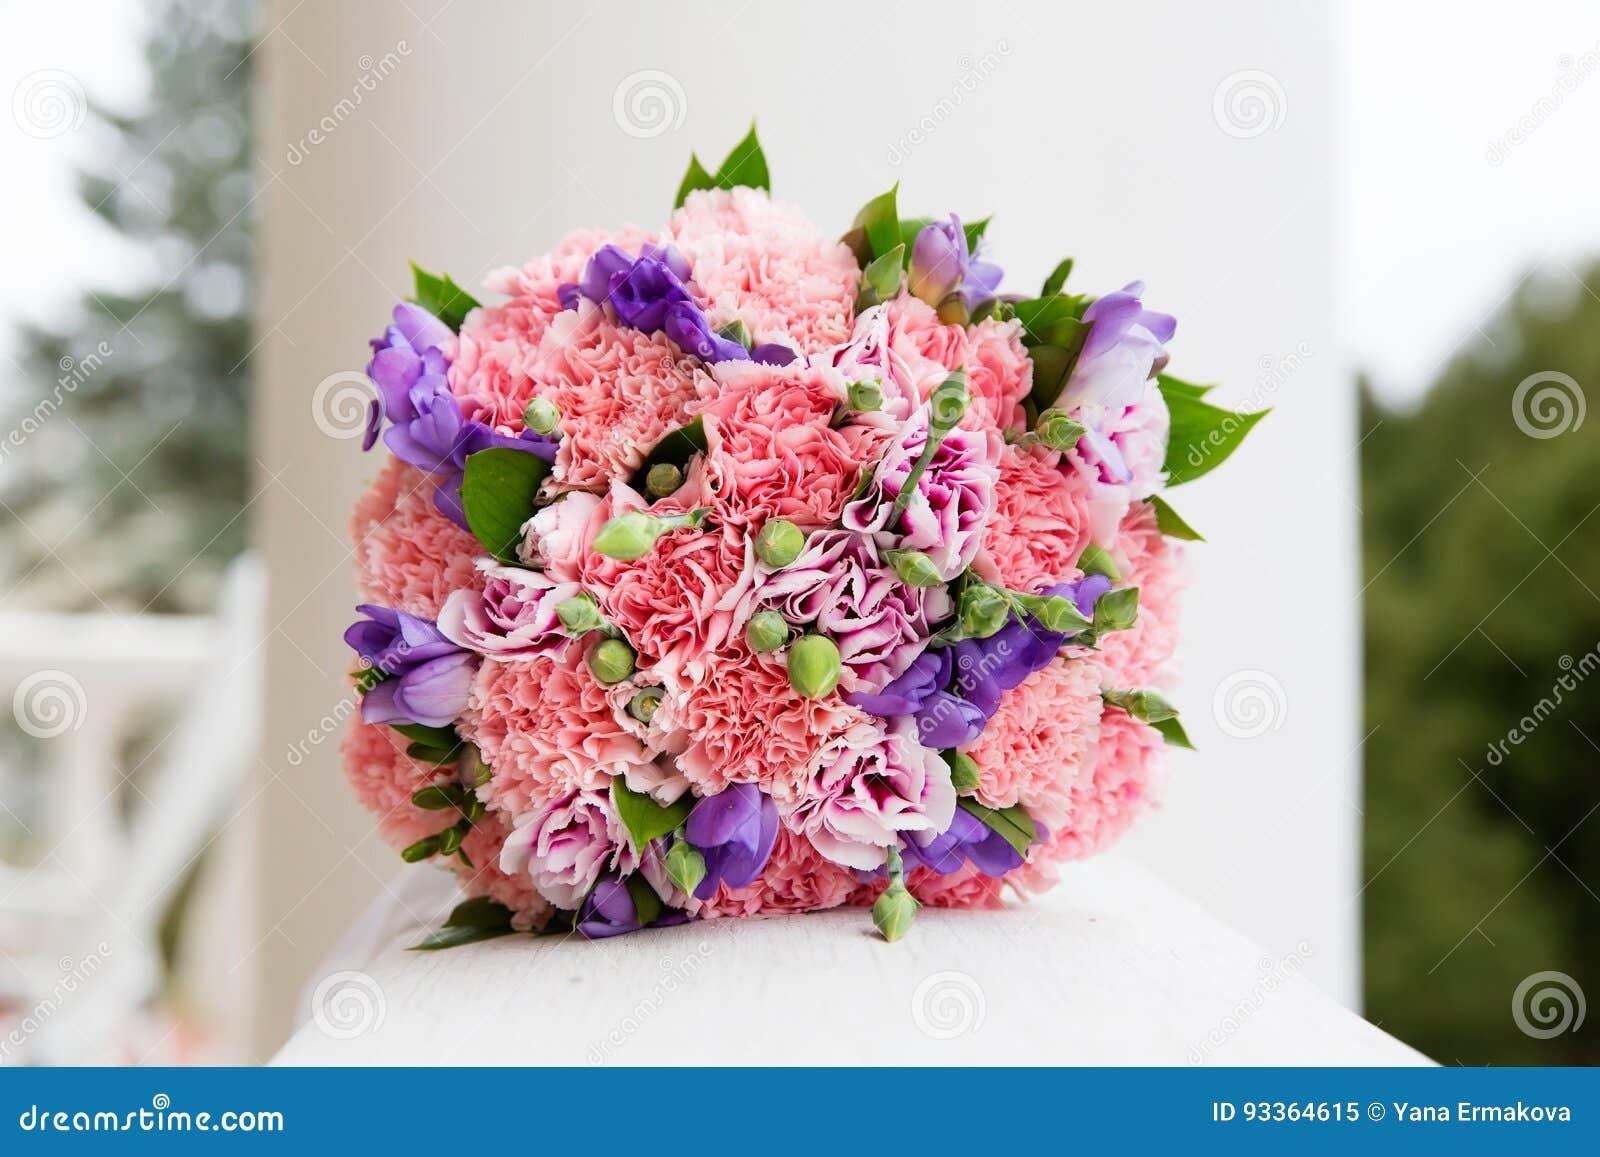 Beau Bouquet De Mariage Image Stock. Image Du Conception